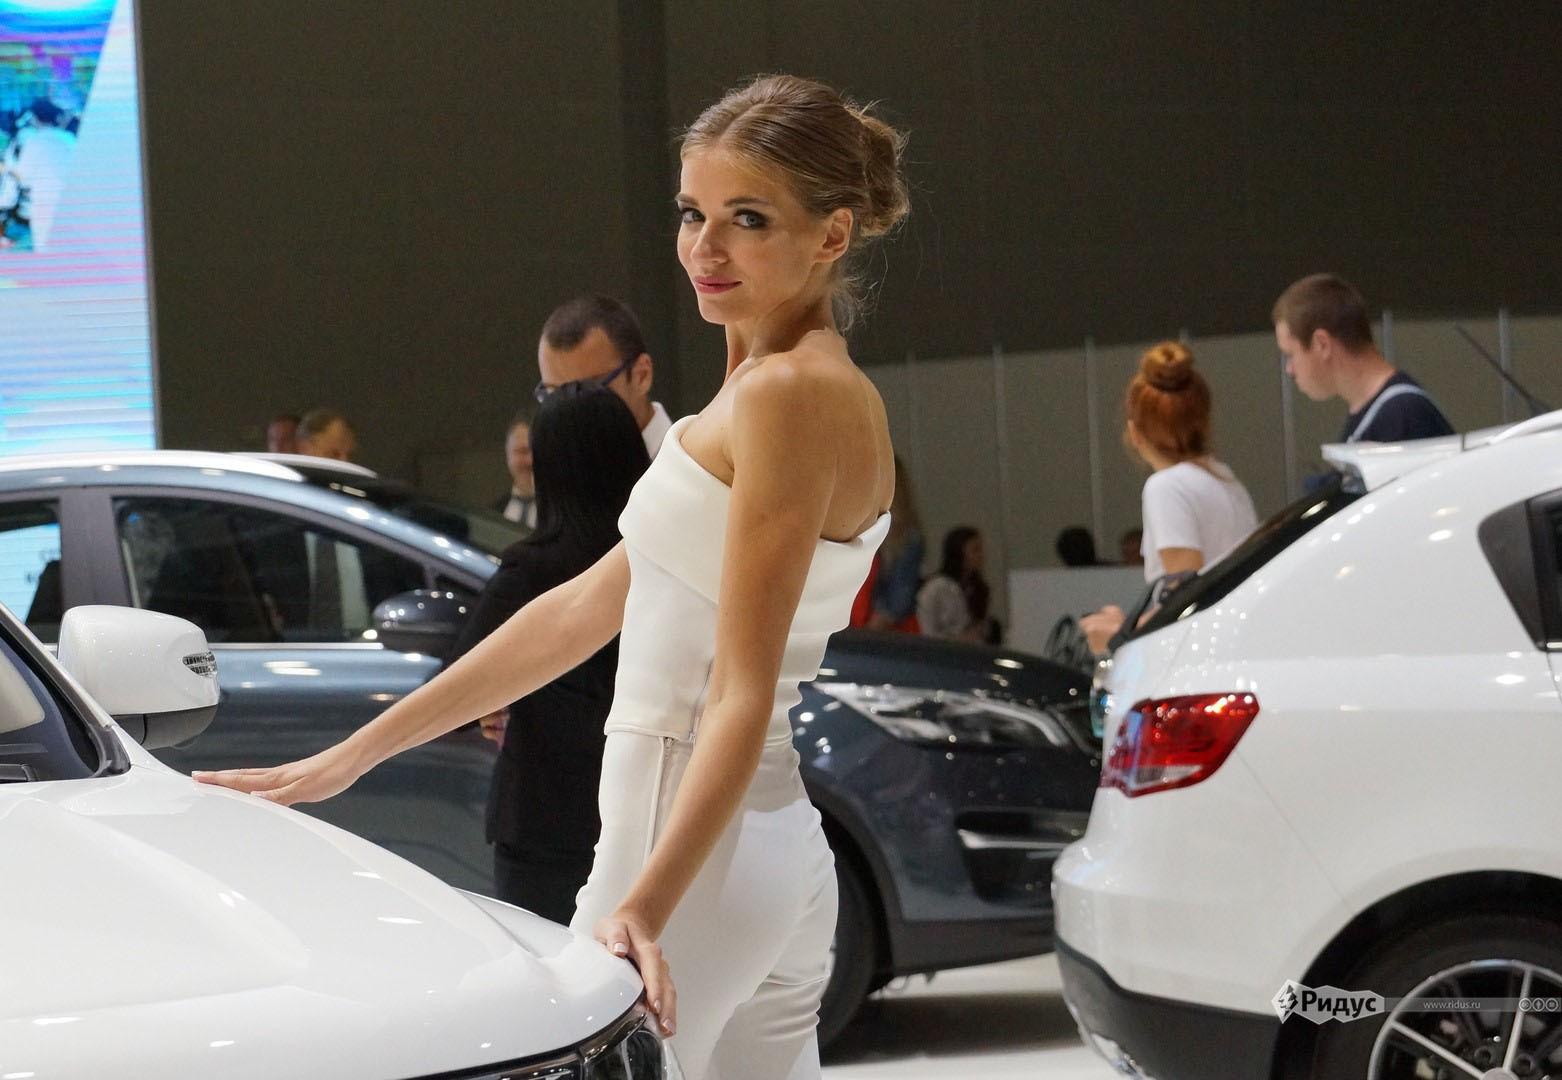 Девушки автосалона 2020 в москве деньги под залог недвижимости во владивостоке